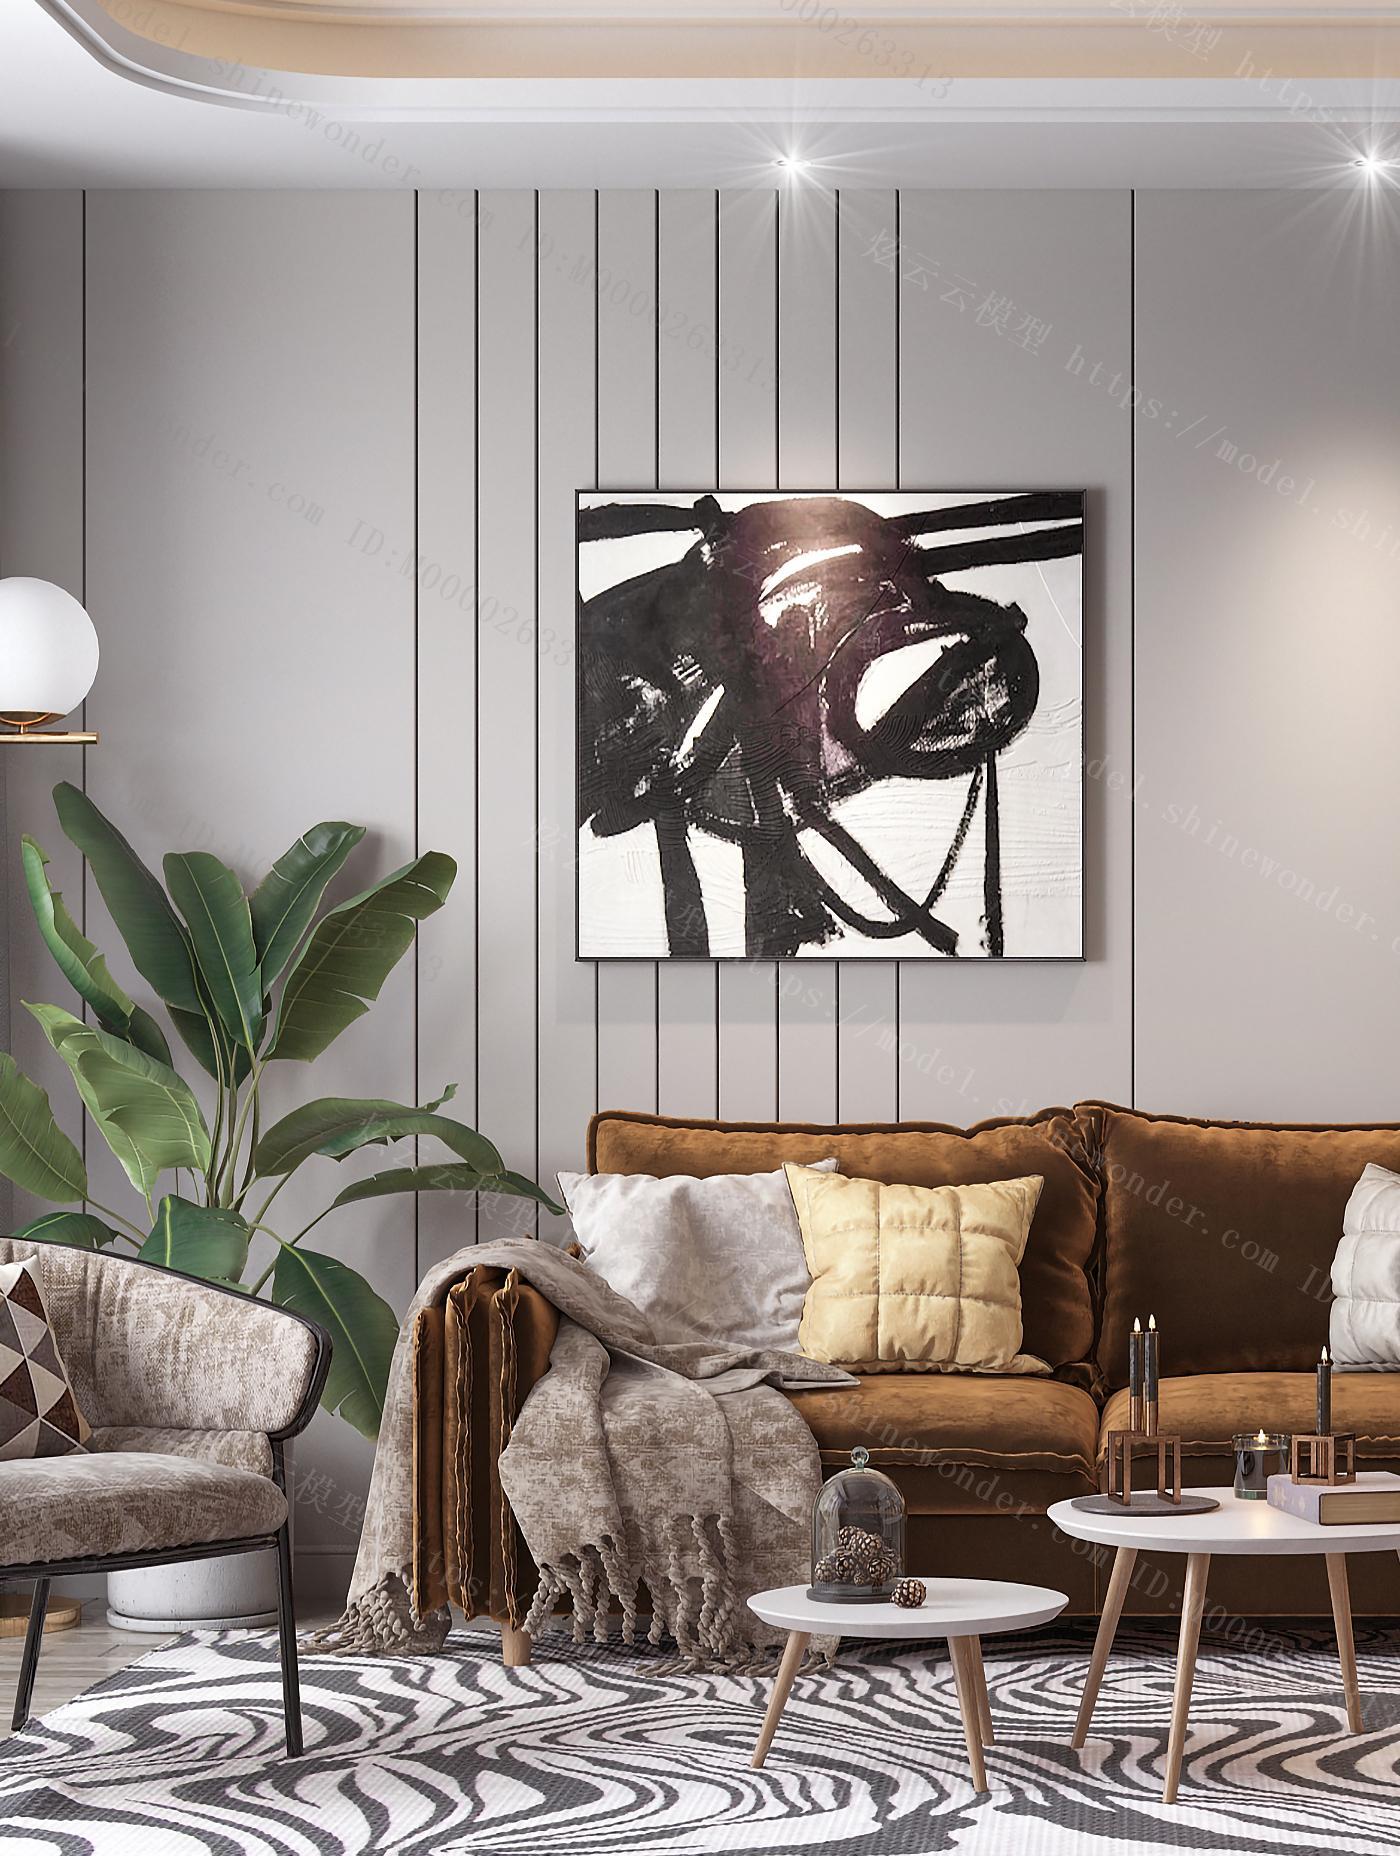 北欧客厅 北欧沙发茶几 植物 电视柜模型